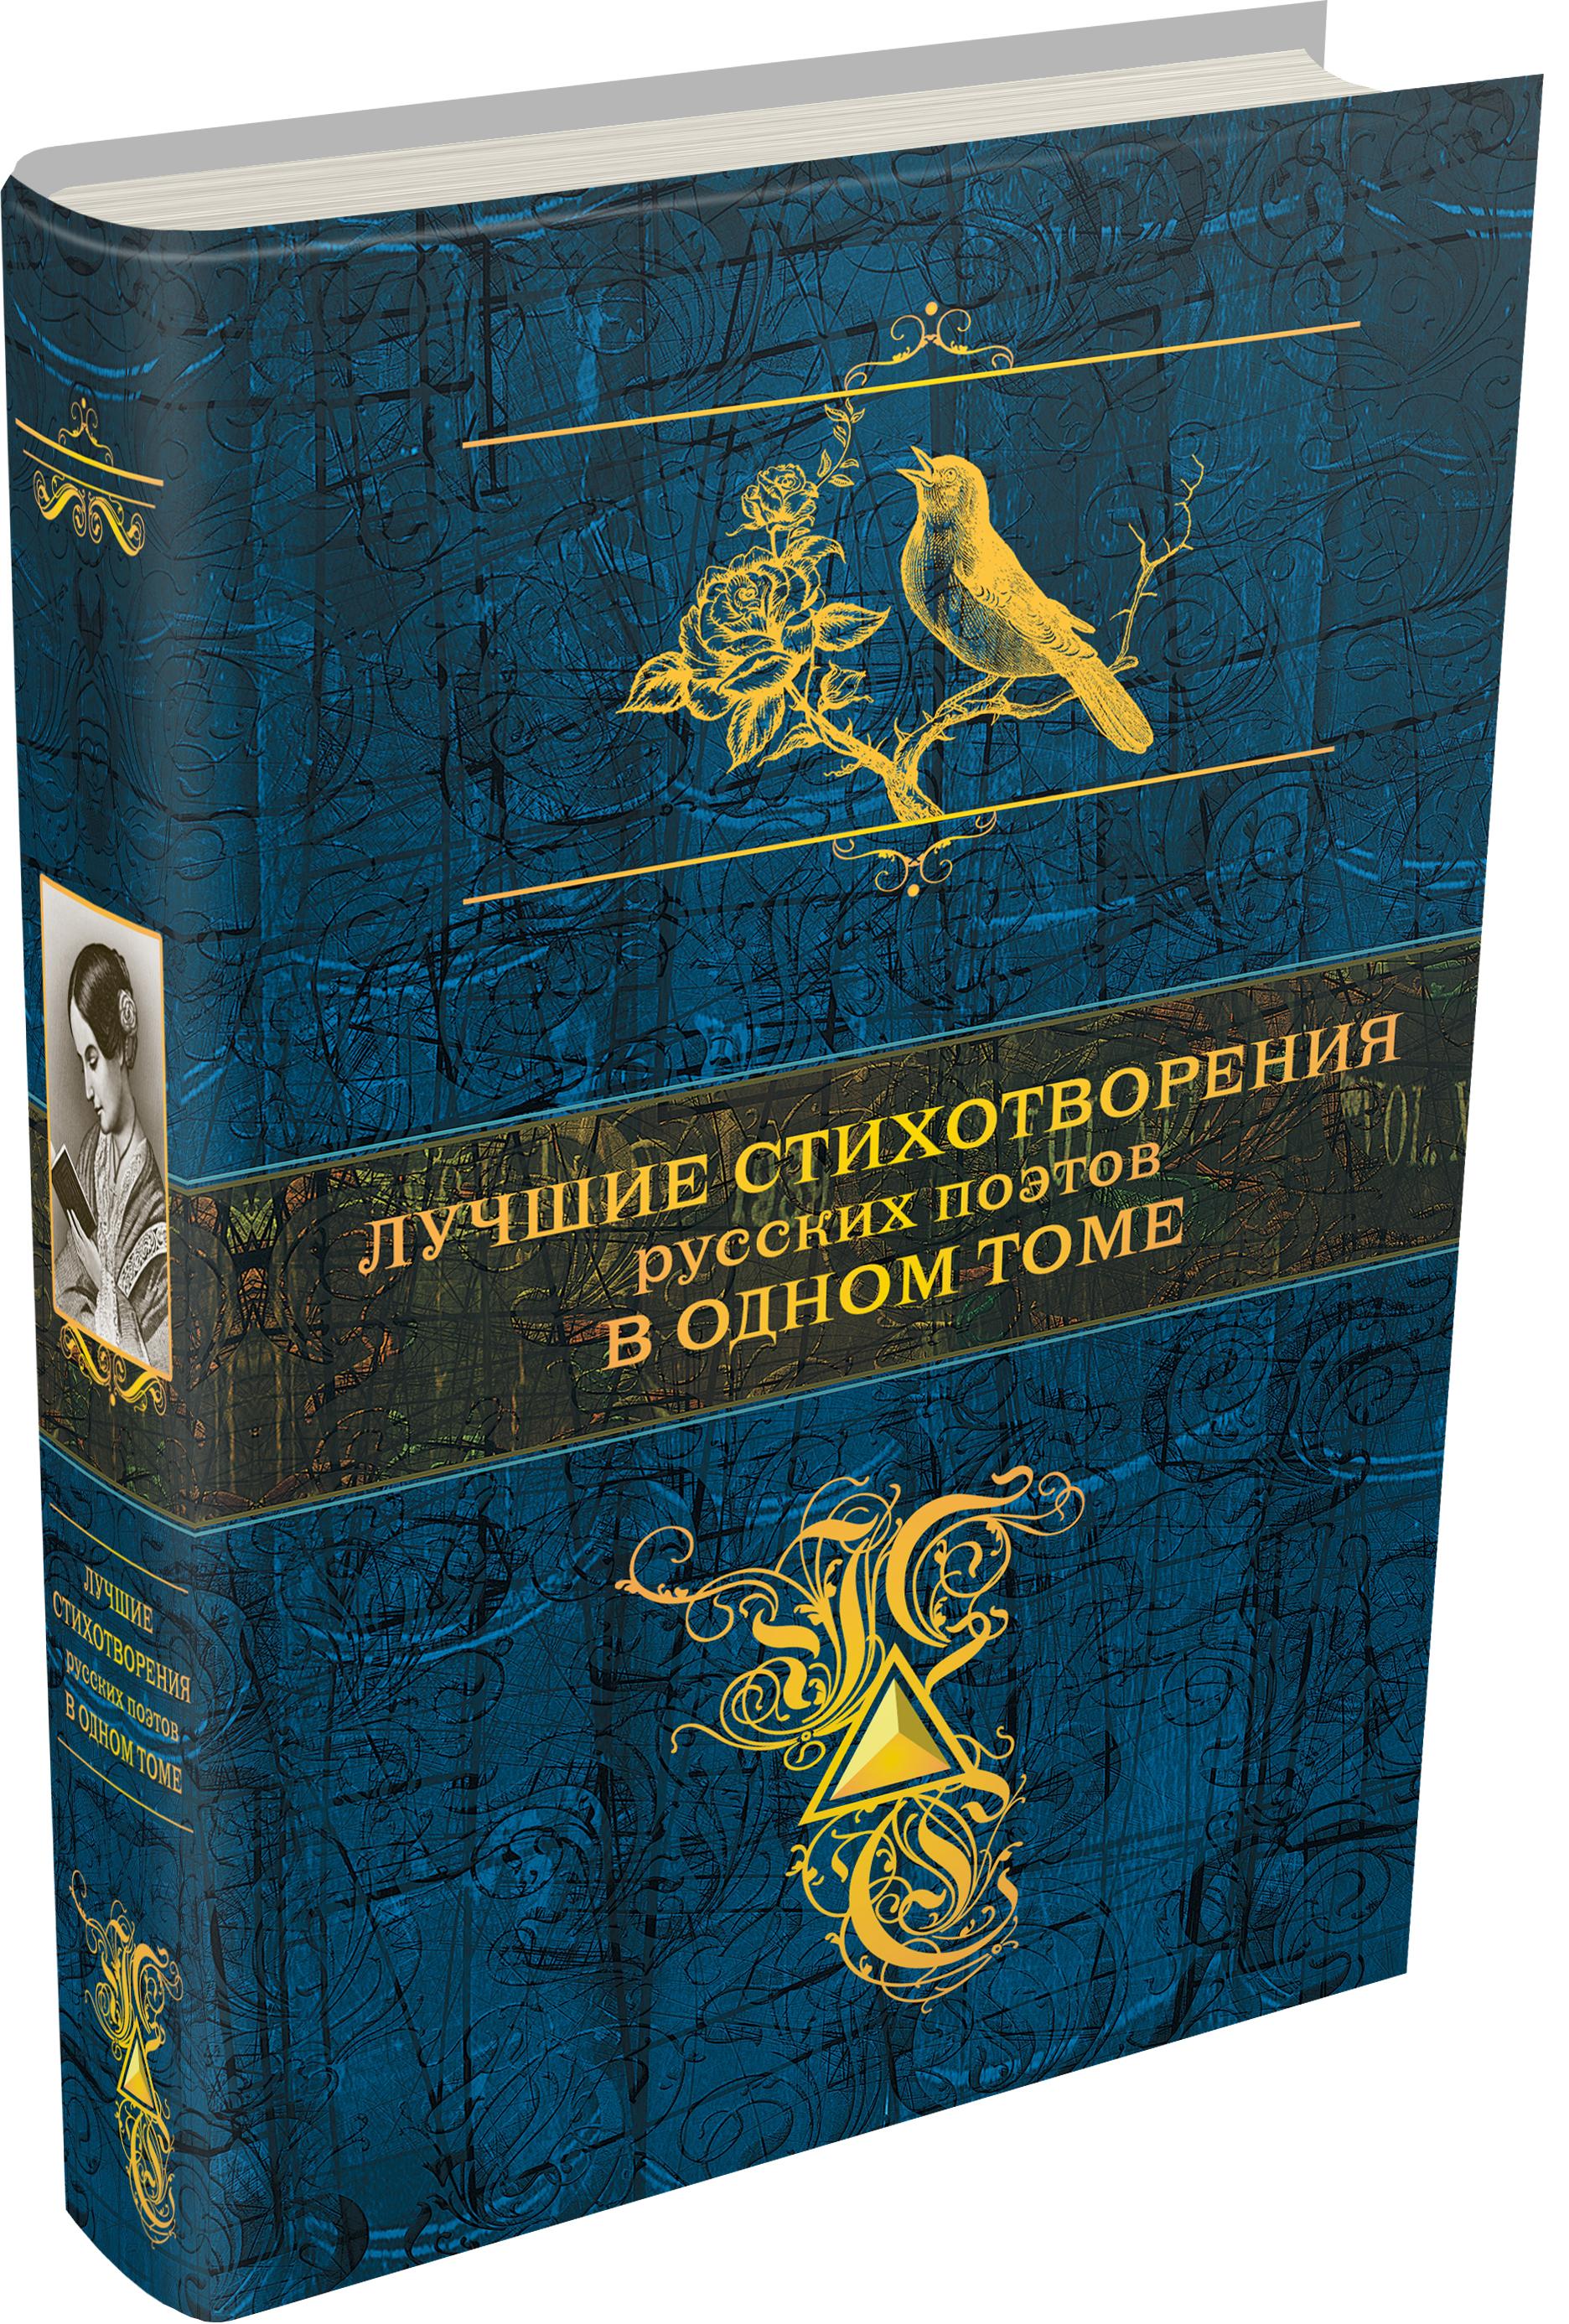 Лучшие стихотворения русских поэтов в одном томе ISBN: 978-5-699-79751-6 лучшие произведения в одном томе